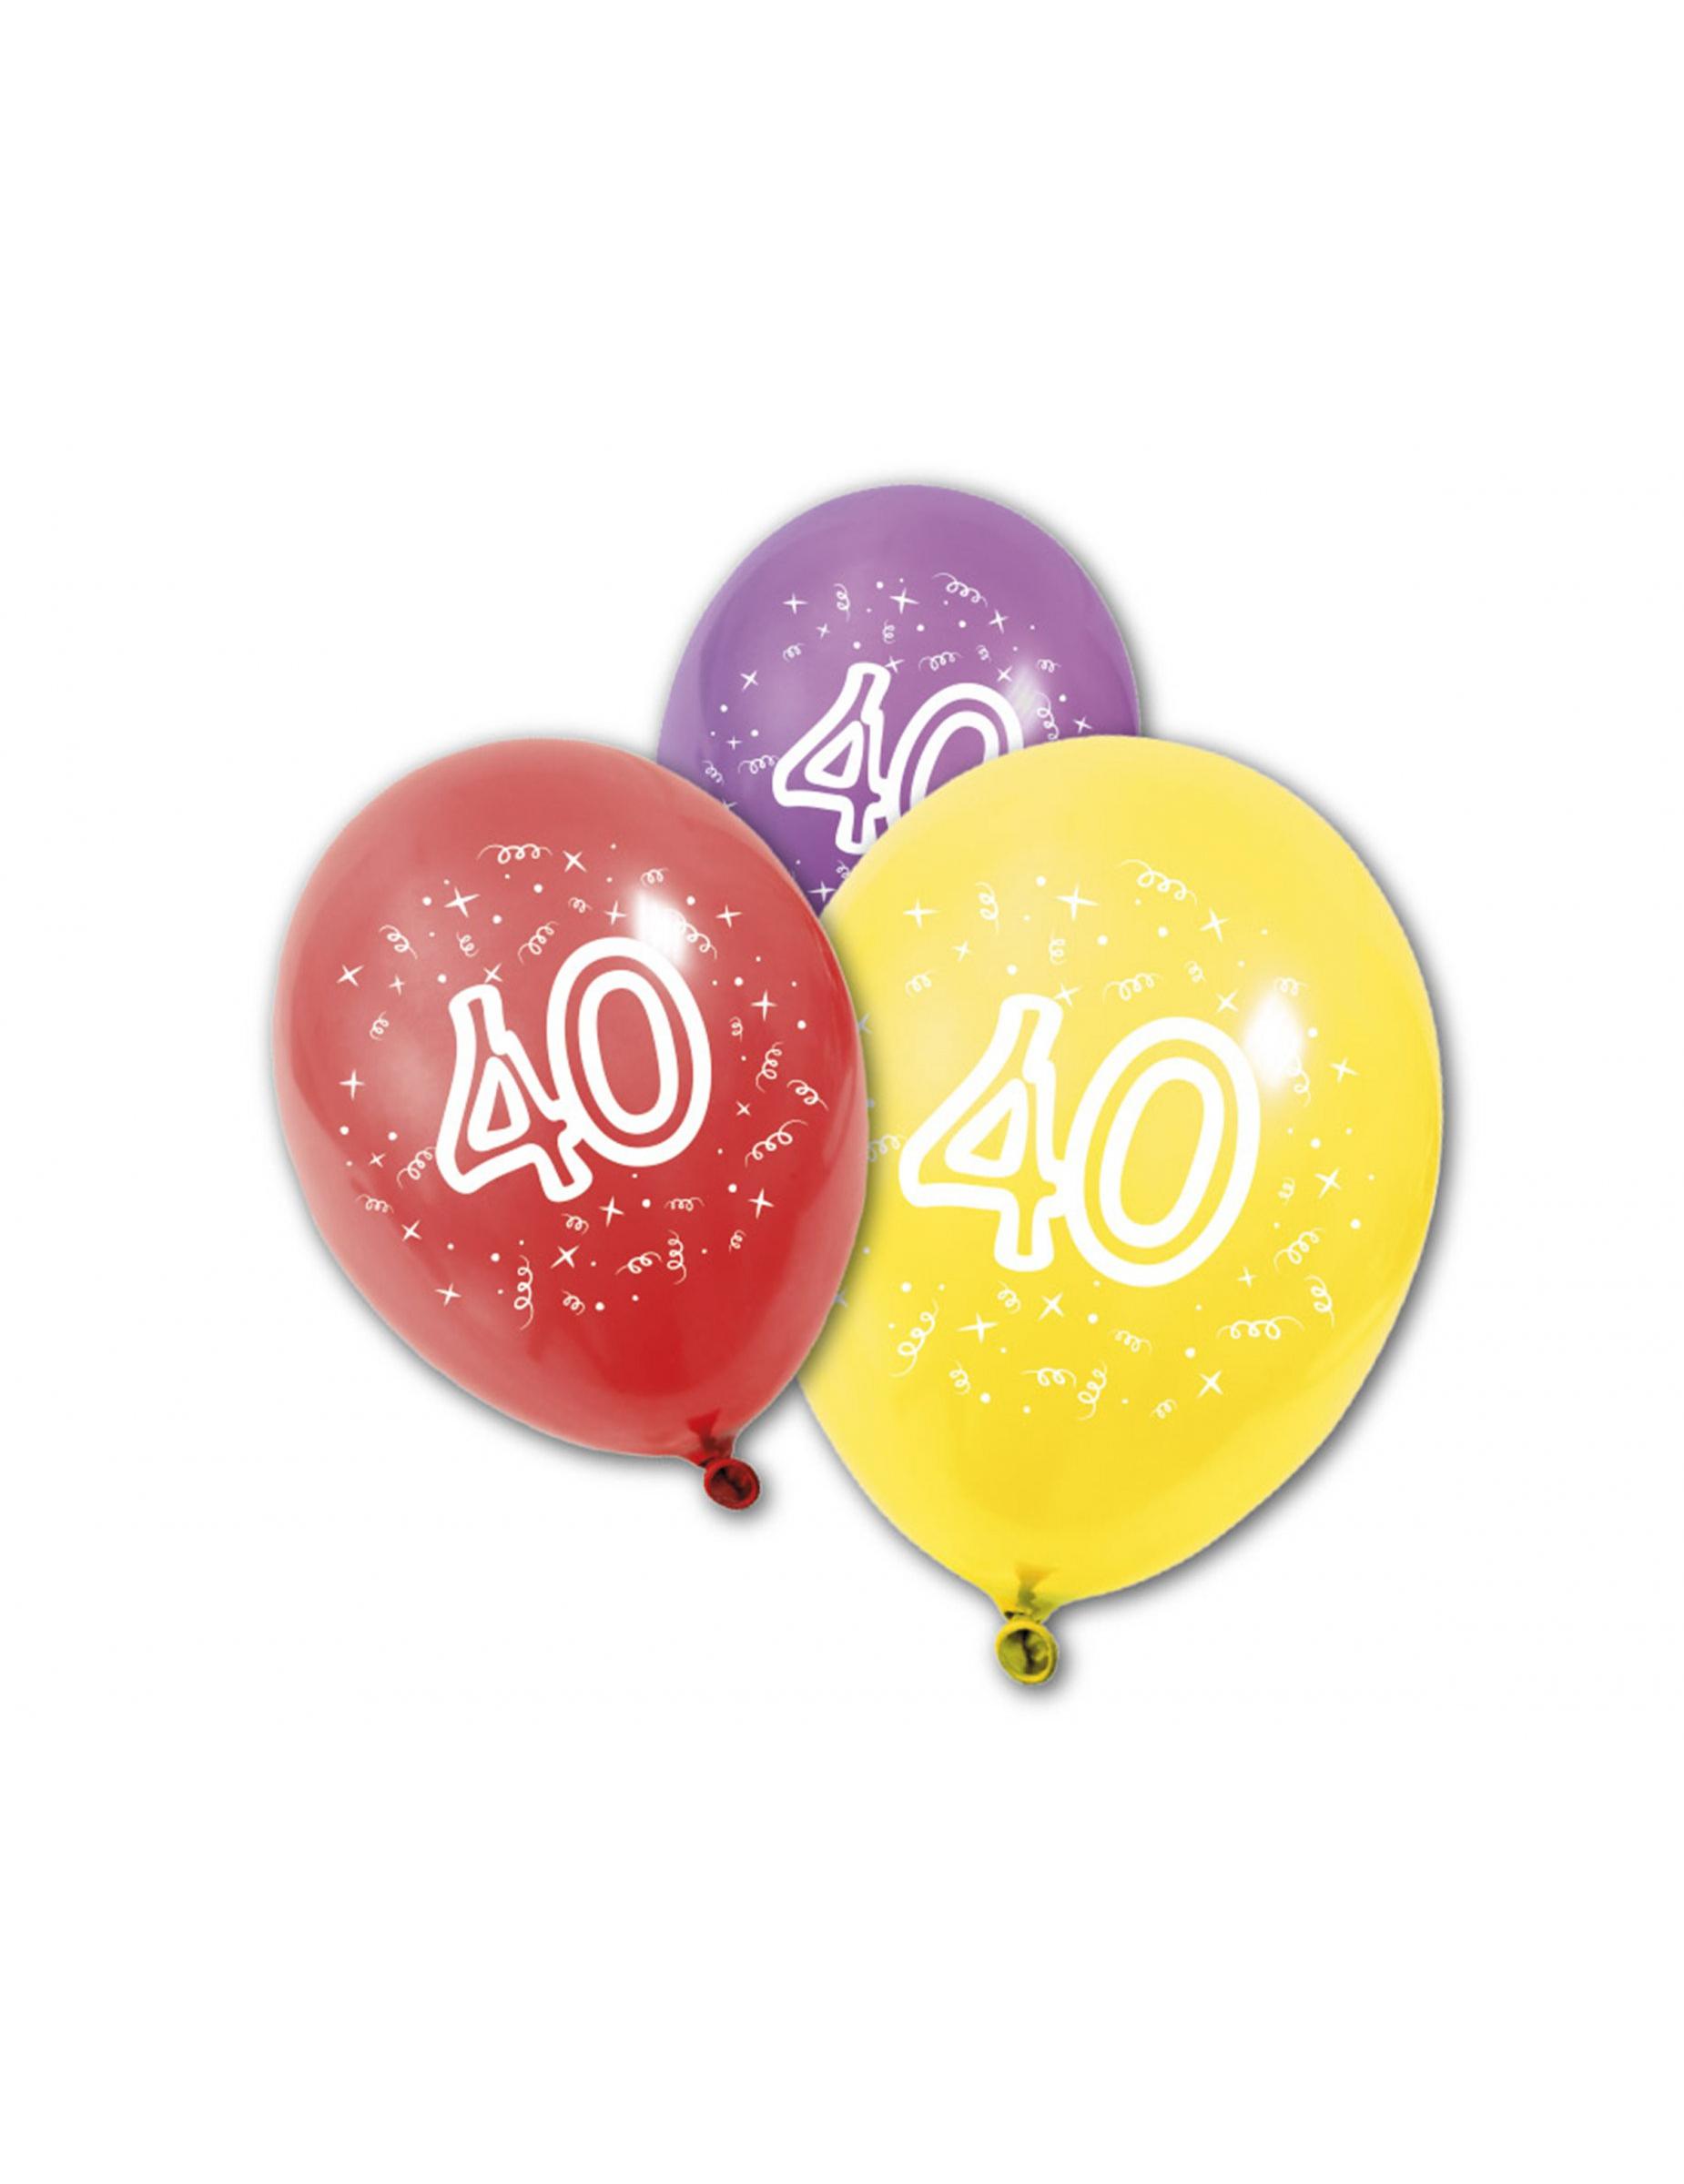 8 verjaardagsballonnen 40 jaar. Black Bedroom Furniture Sets. Home Design Ideas